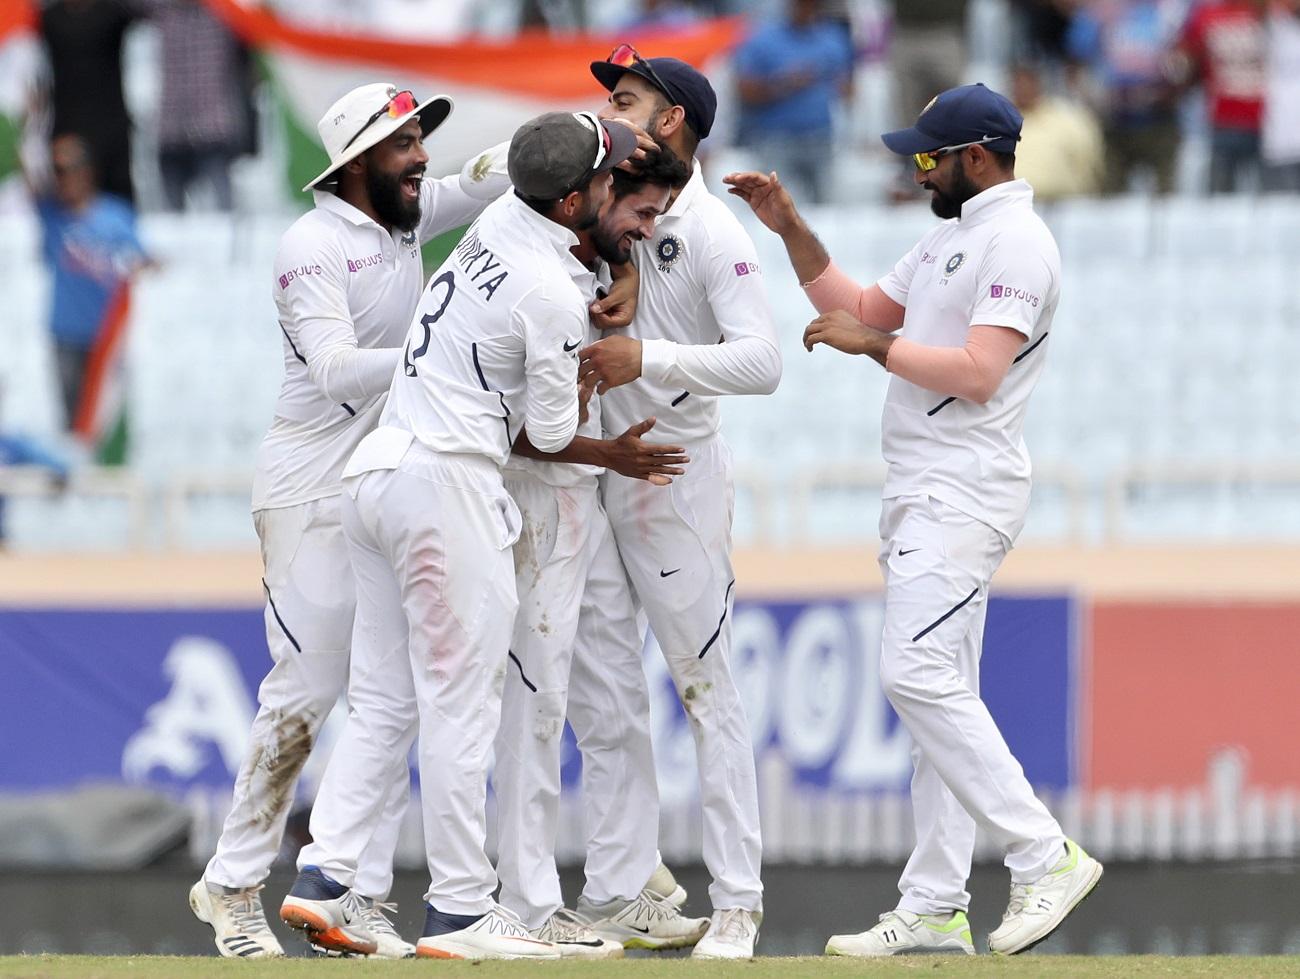 इंग्लैंड के खिलाफ़ चुनी गई भारतीय टीम को देख समझ से परे हैं ये 5 फैसले 3